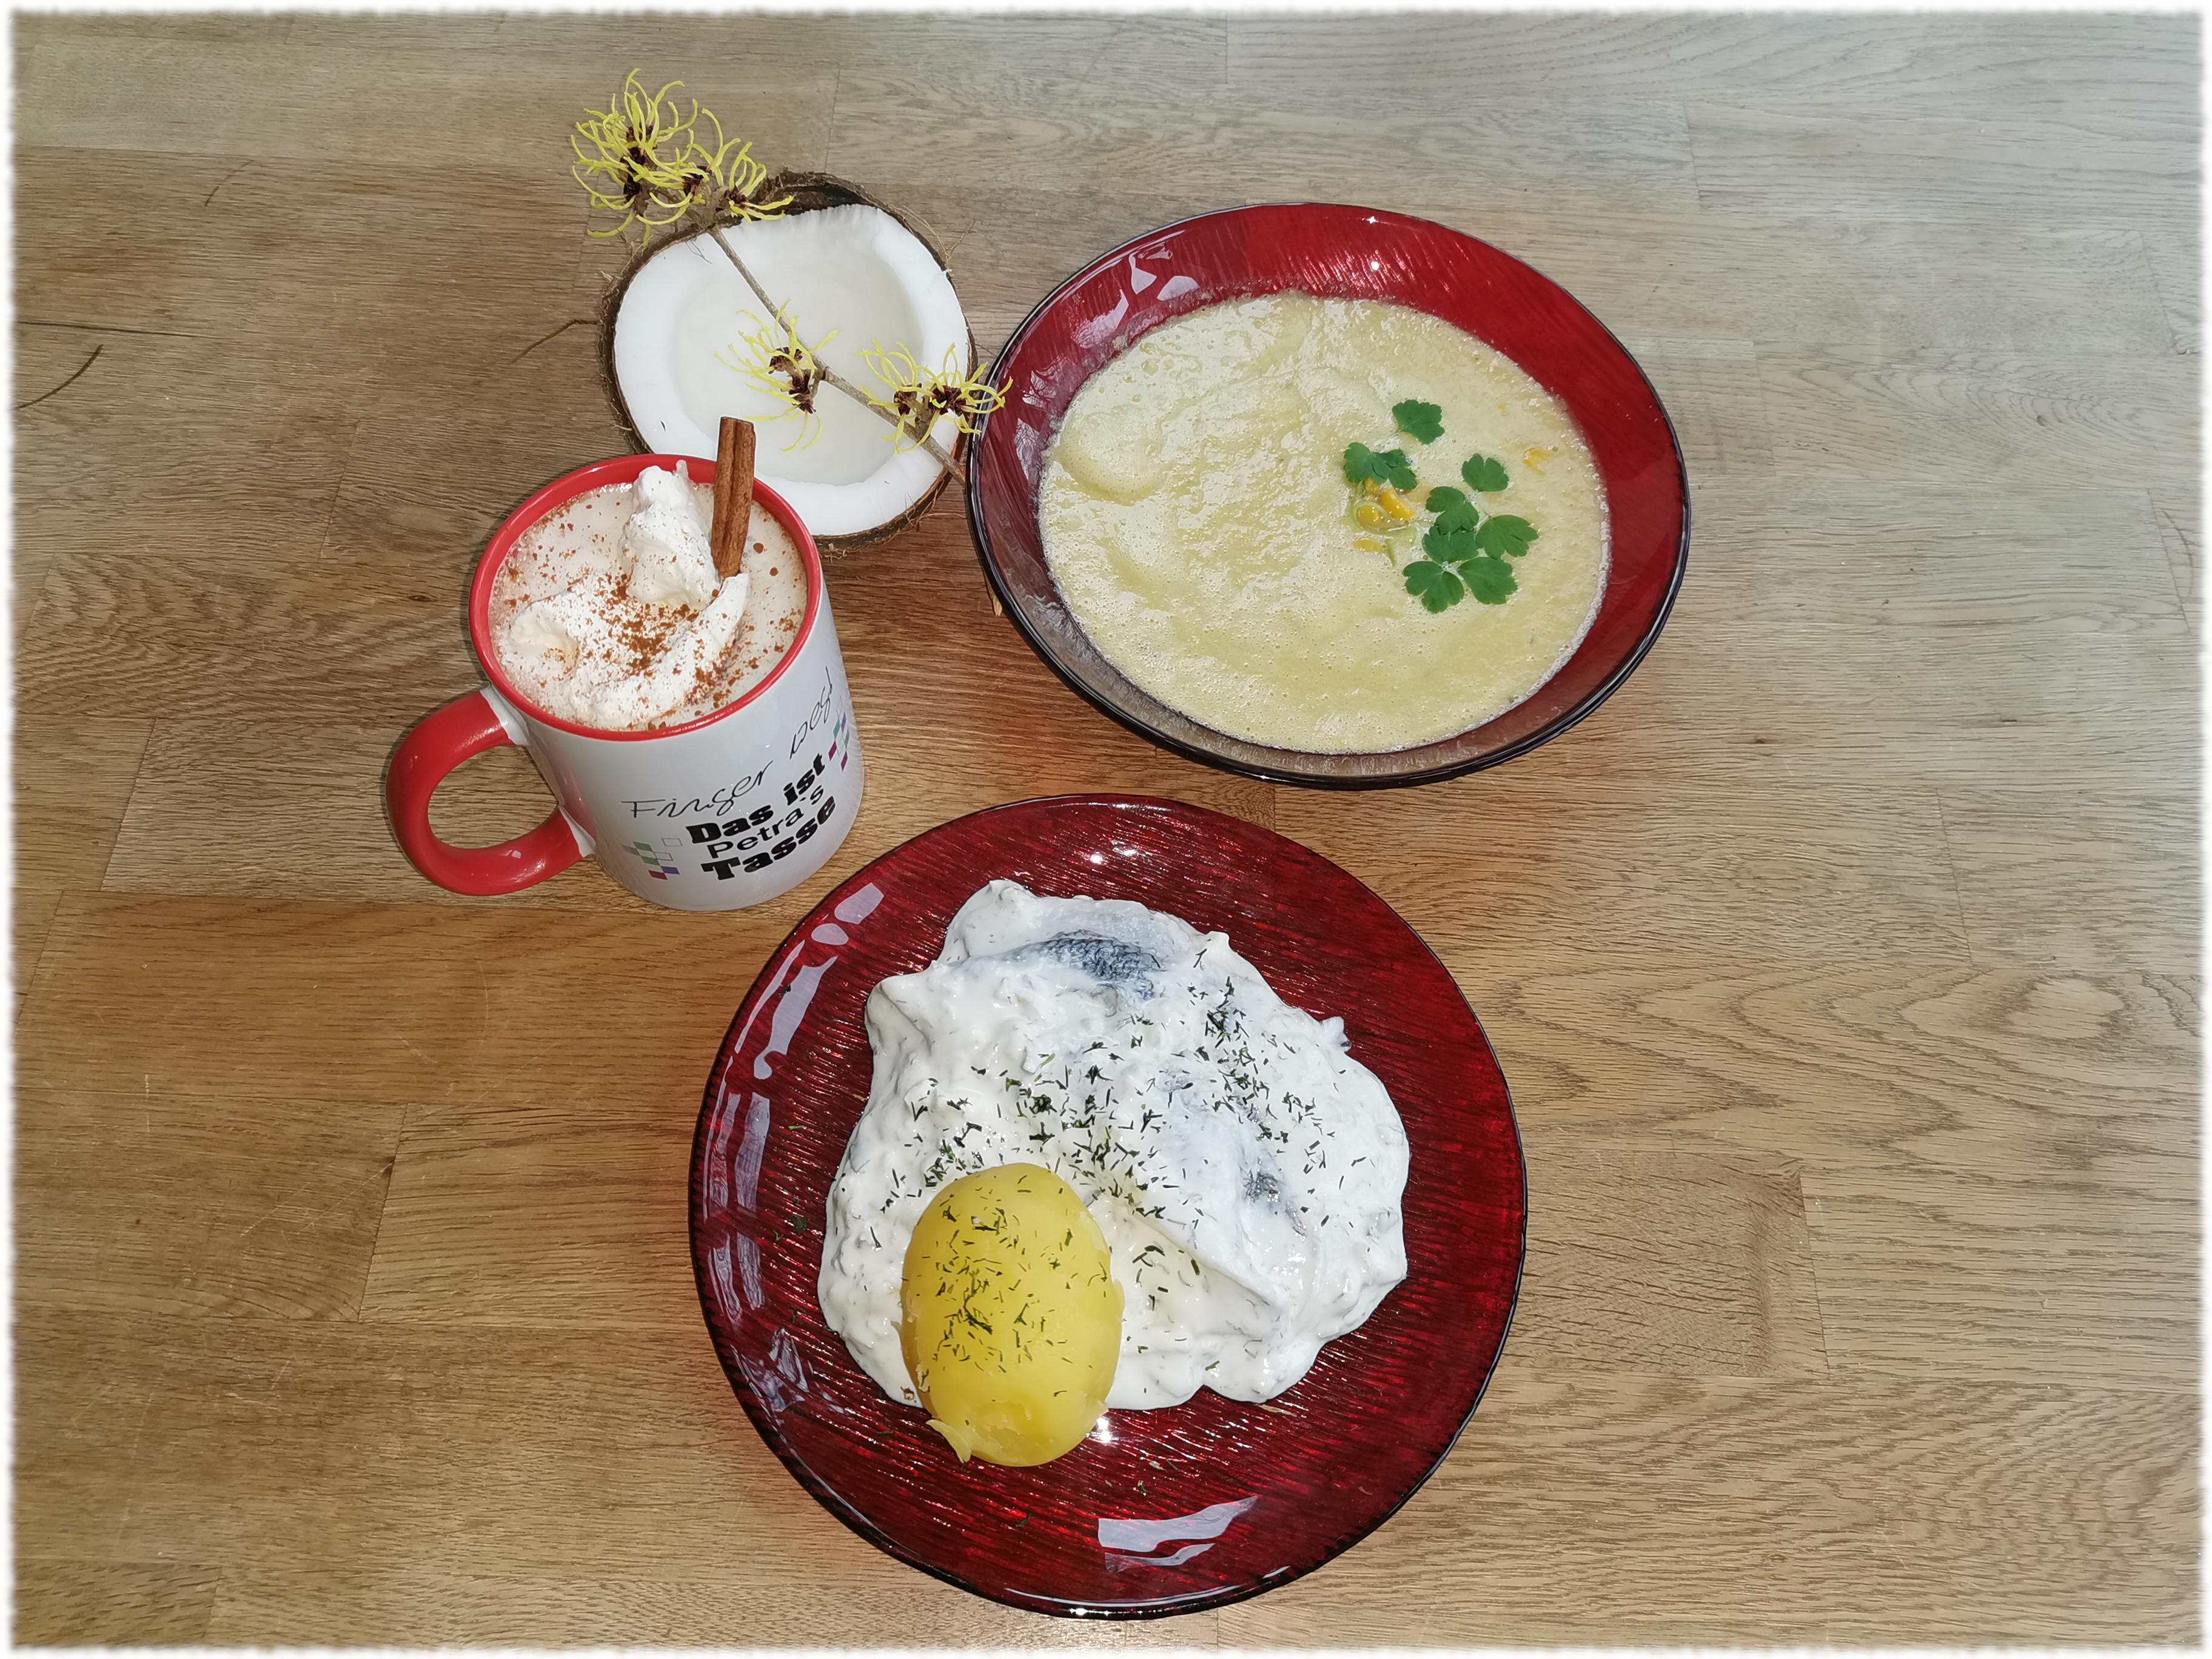 Matjessalat, Mais-Kokossuppe, heiße Schokolade - arrangiert auf einem Holztisch mit einer halben Kokosnuss und einem Zaubernuss-Zweig als Deko